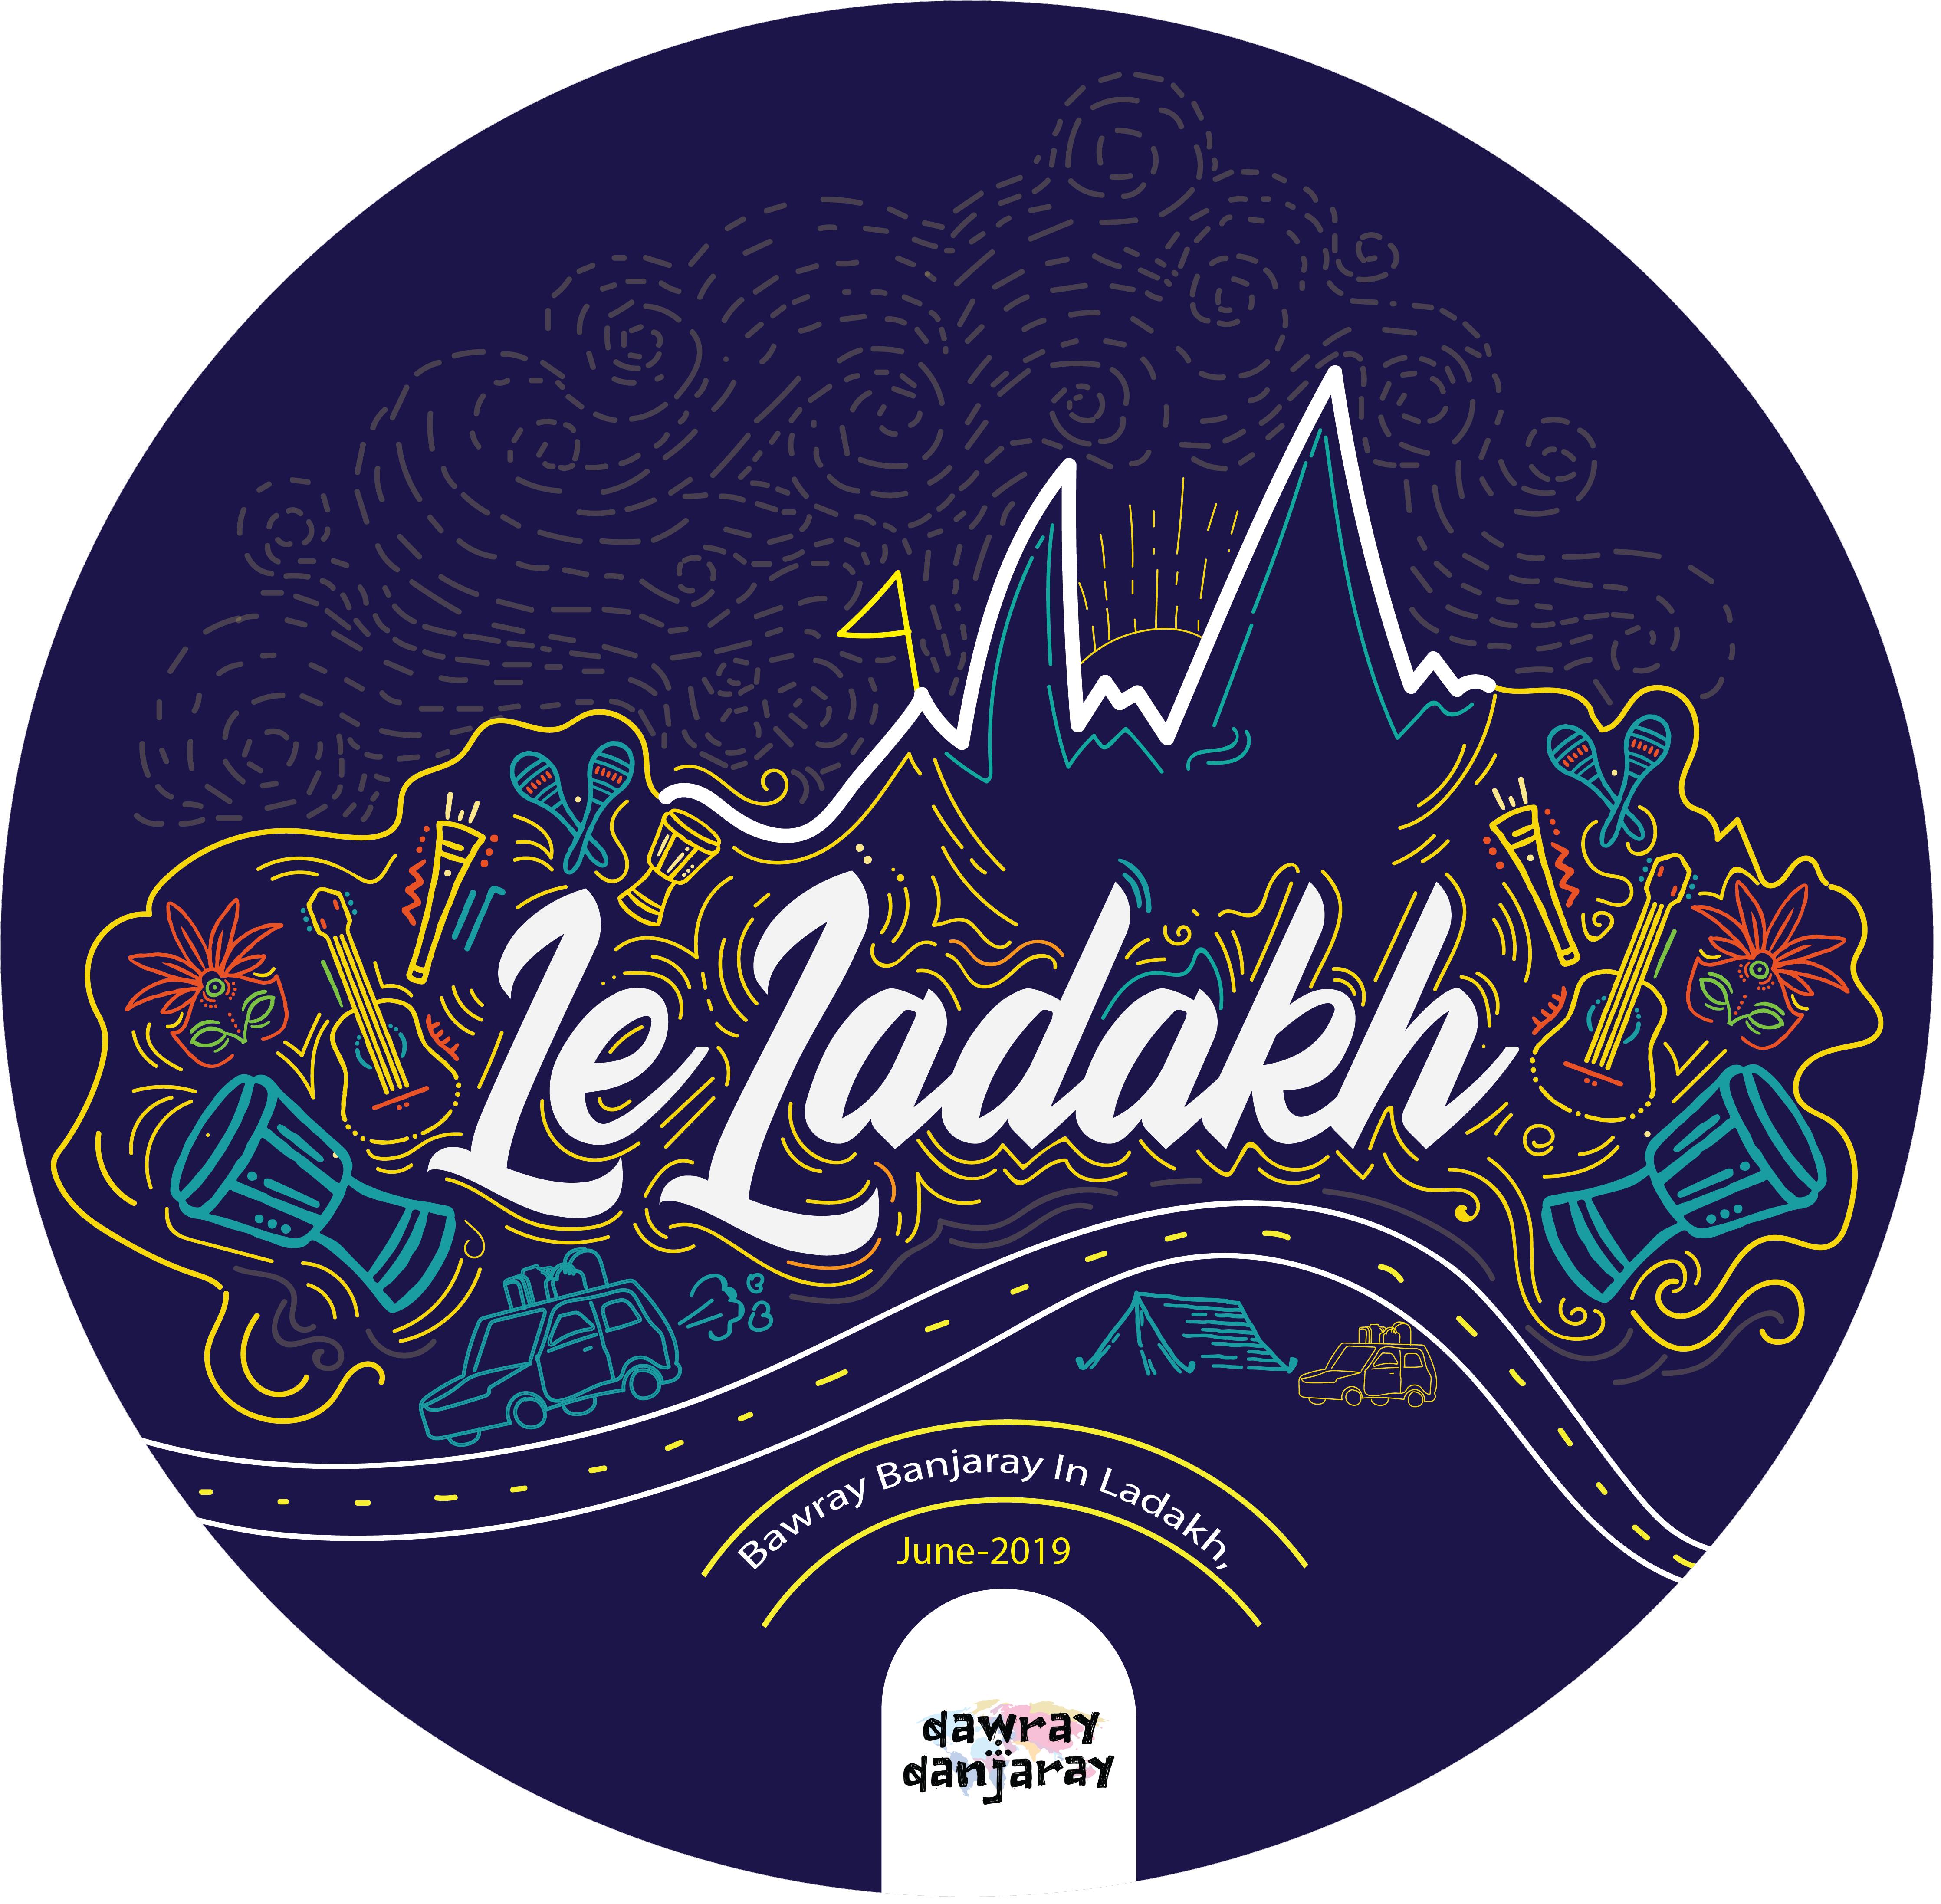 Le Ladakh